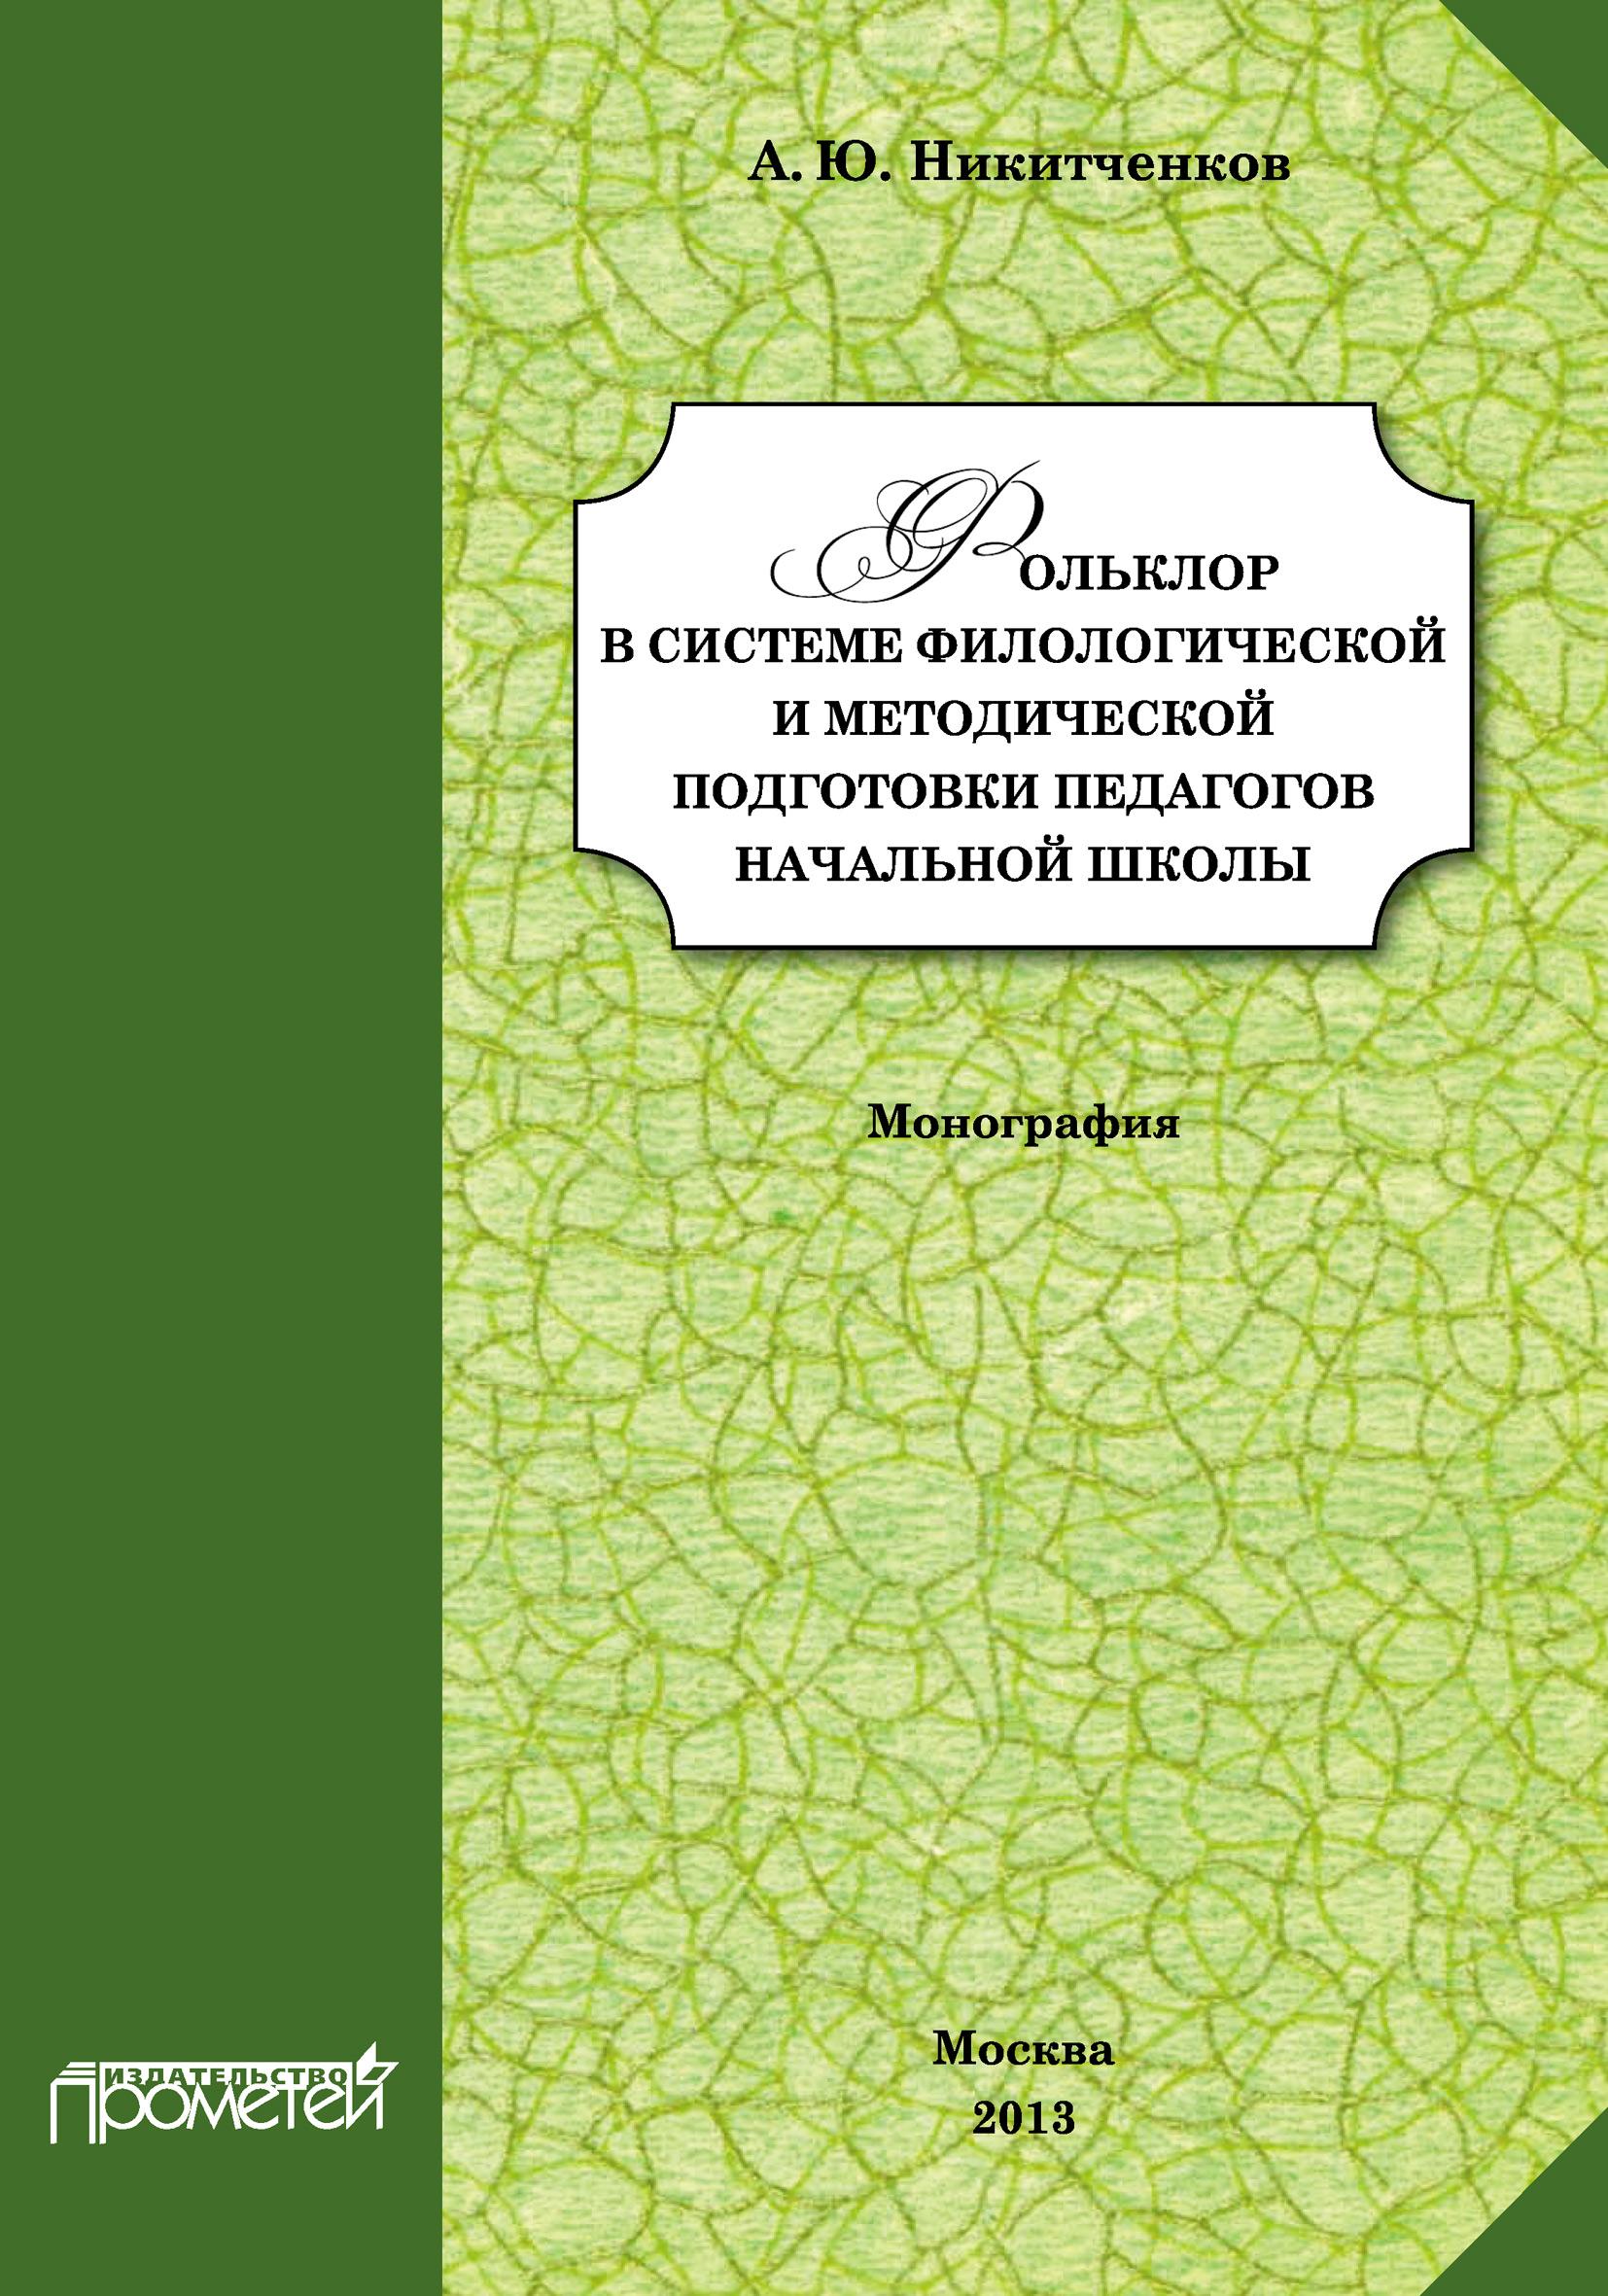 Фольклор в системе филологической и методической подготовки педагогов начальной школы